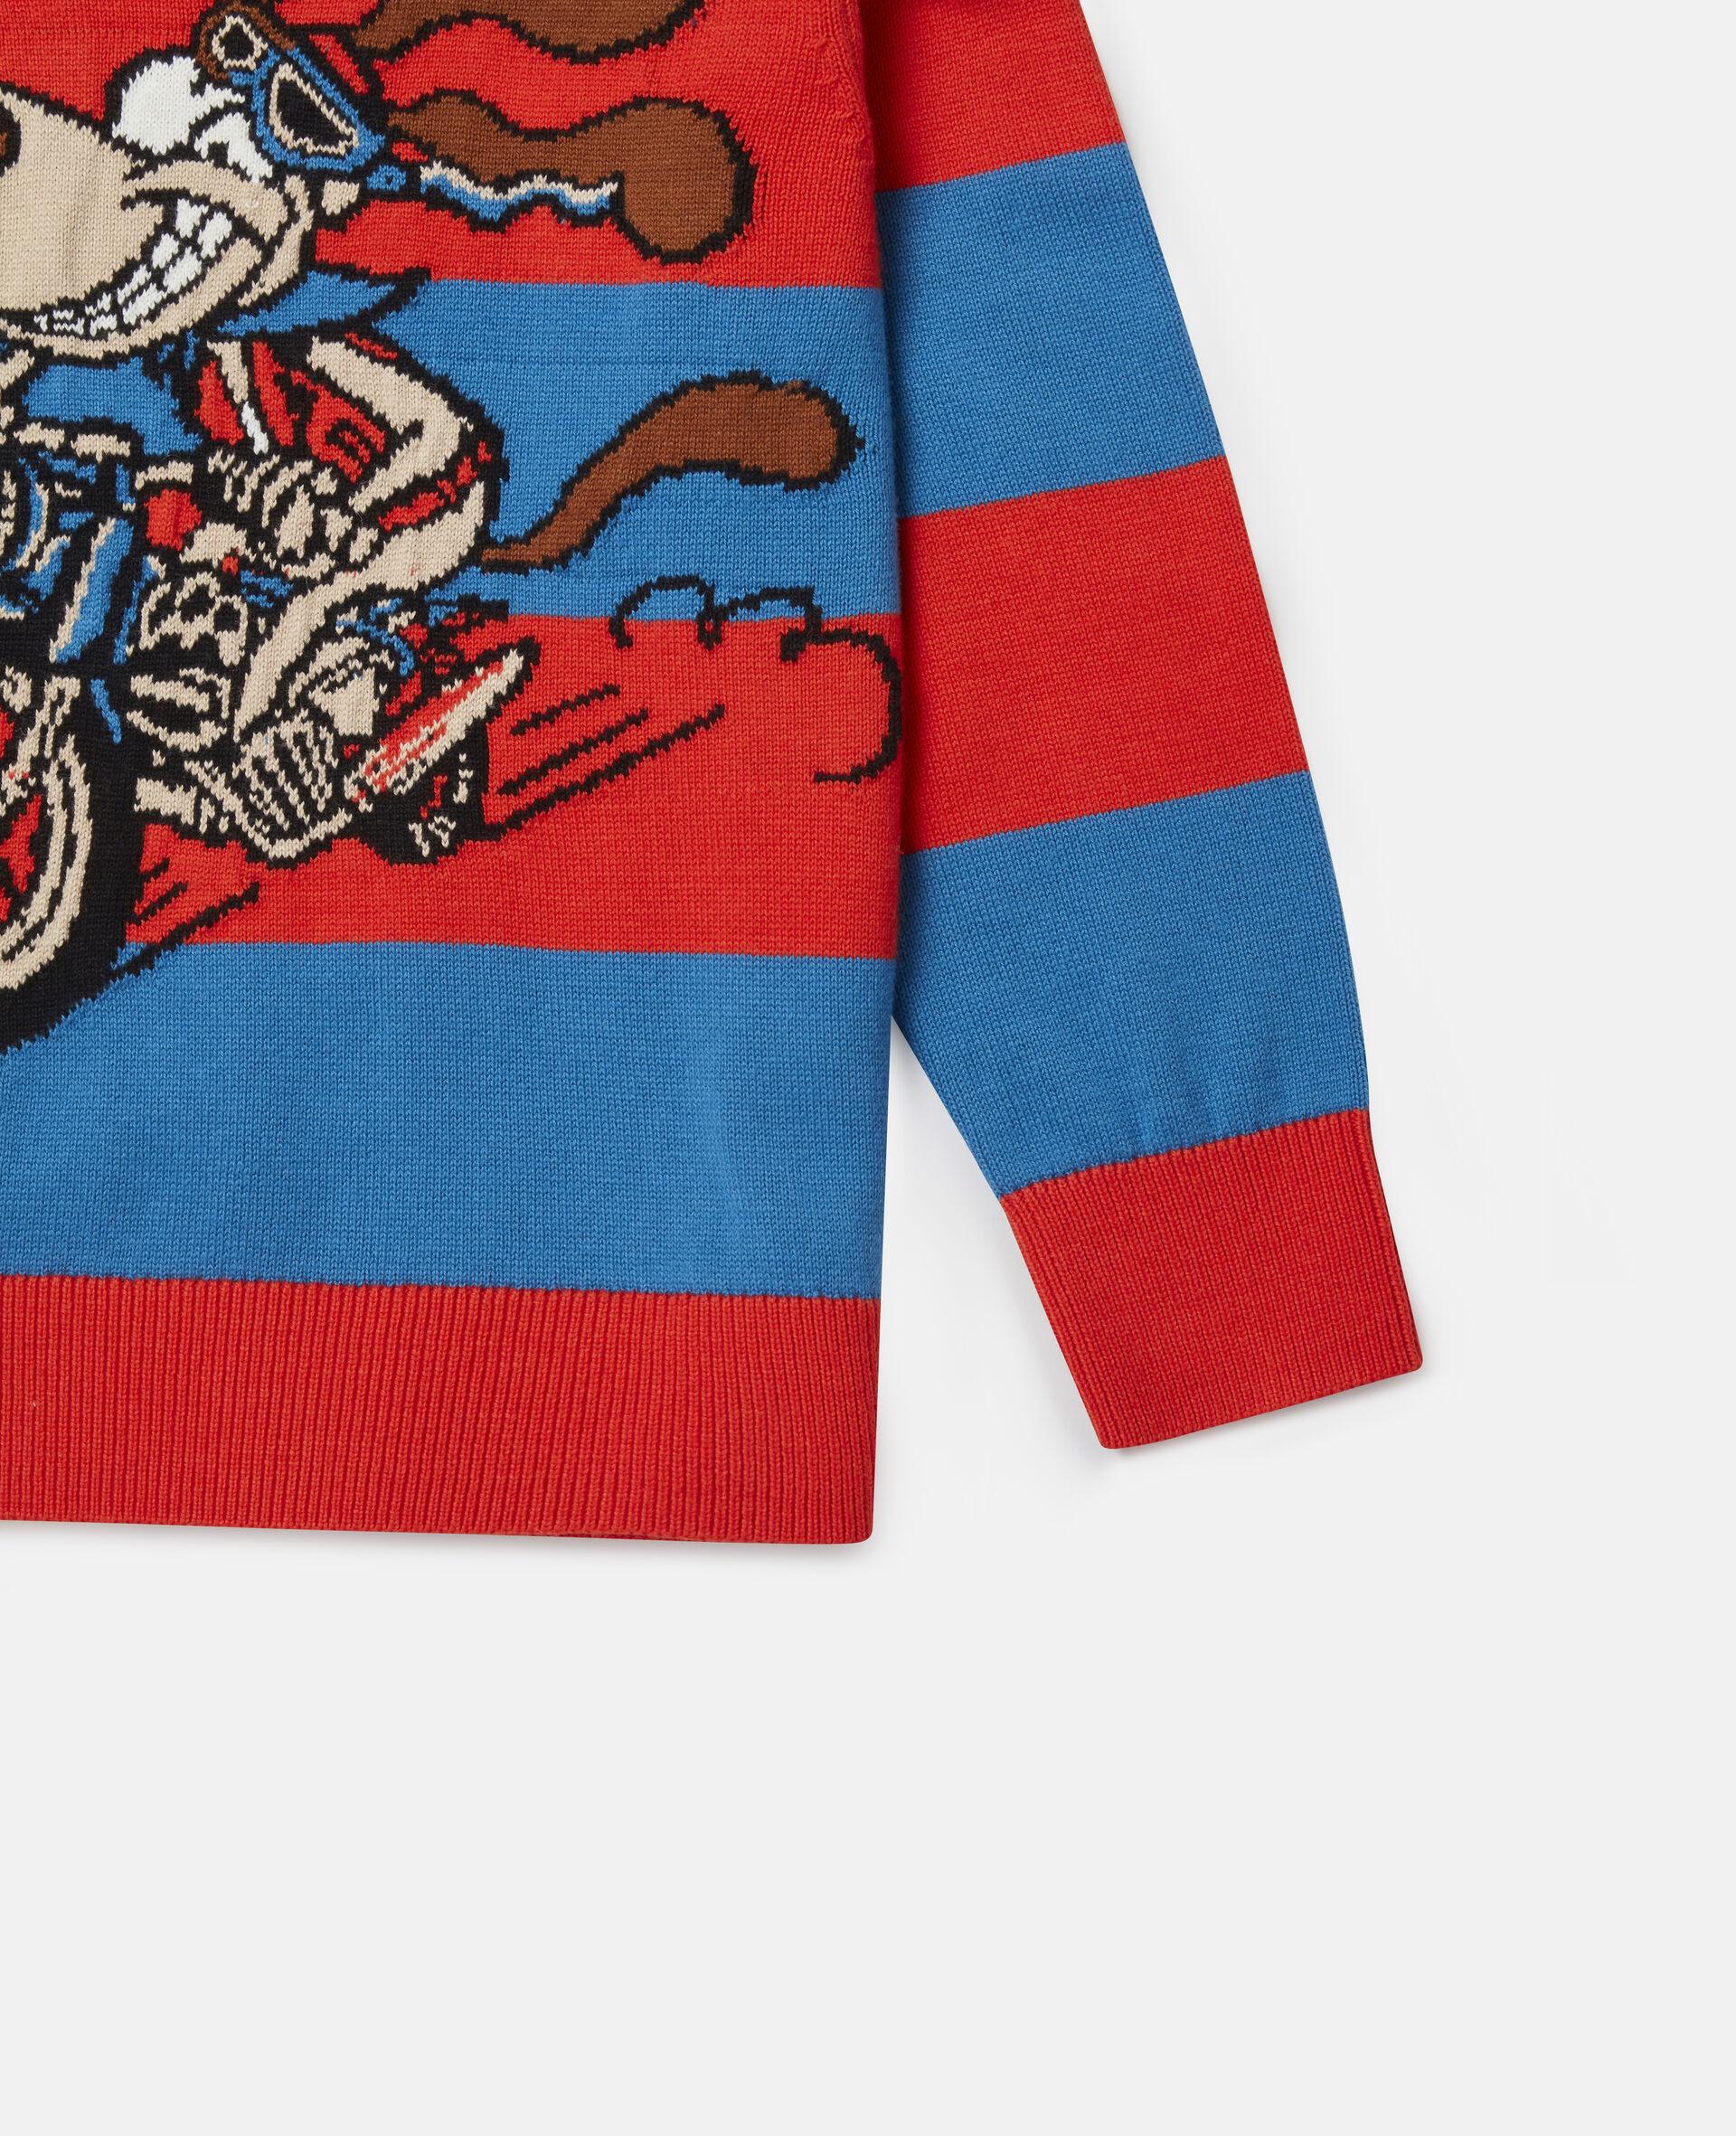 Crazy Dog Oversized Knit Intarsia Sweater-Multicoloured-large image number 2